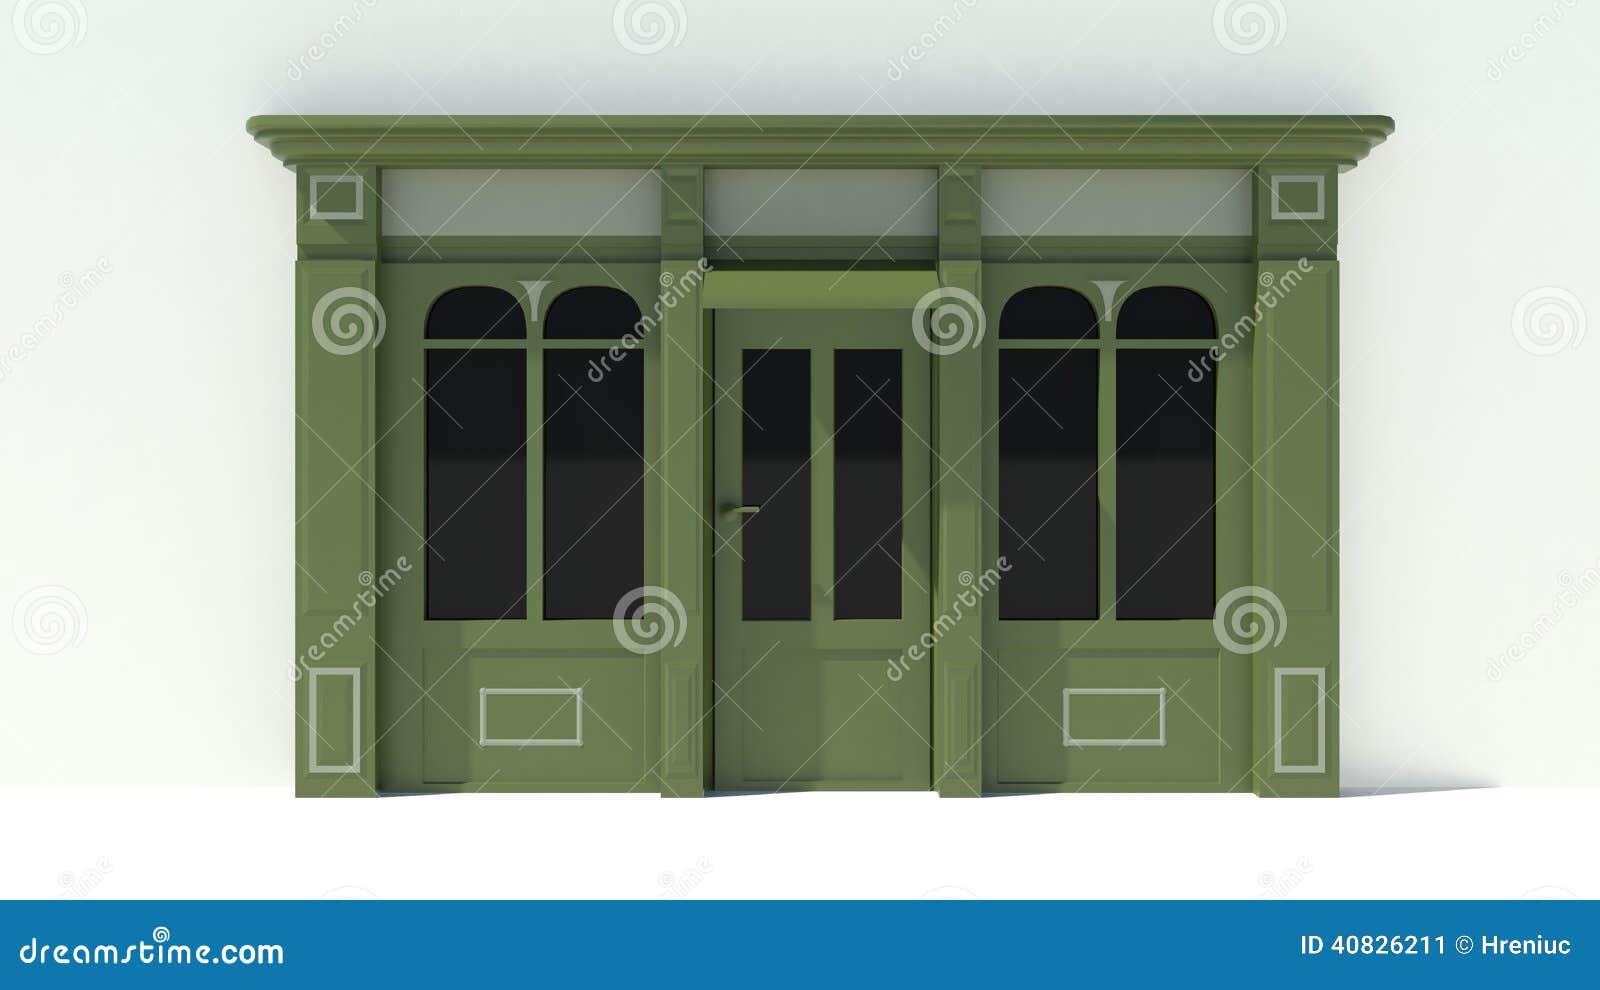 #85A526  com as grandes janelas brancas e fachada verde da loja com toldos 3D 1512 Toldos Para Janelas De Madeira